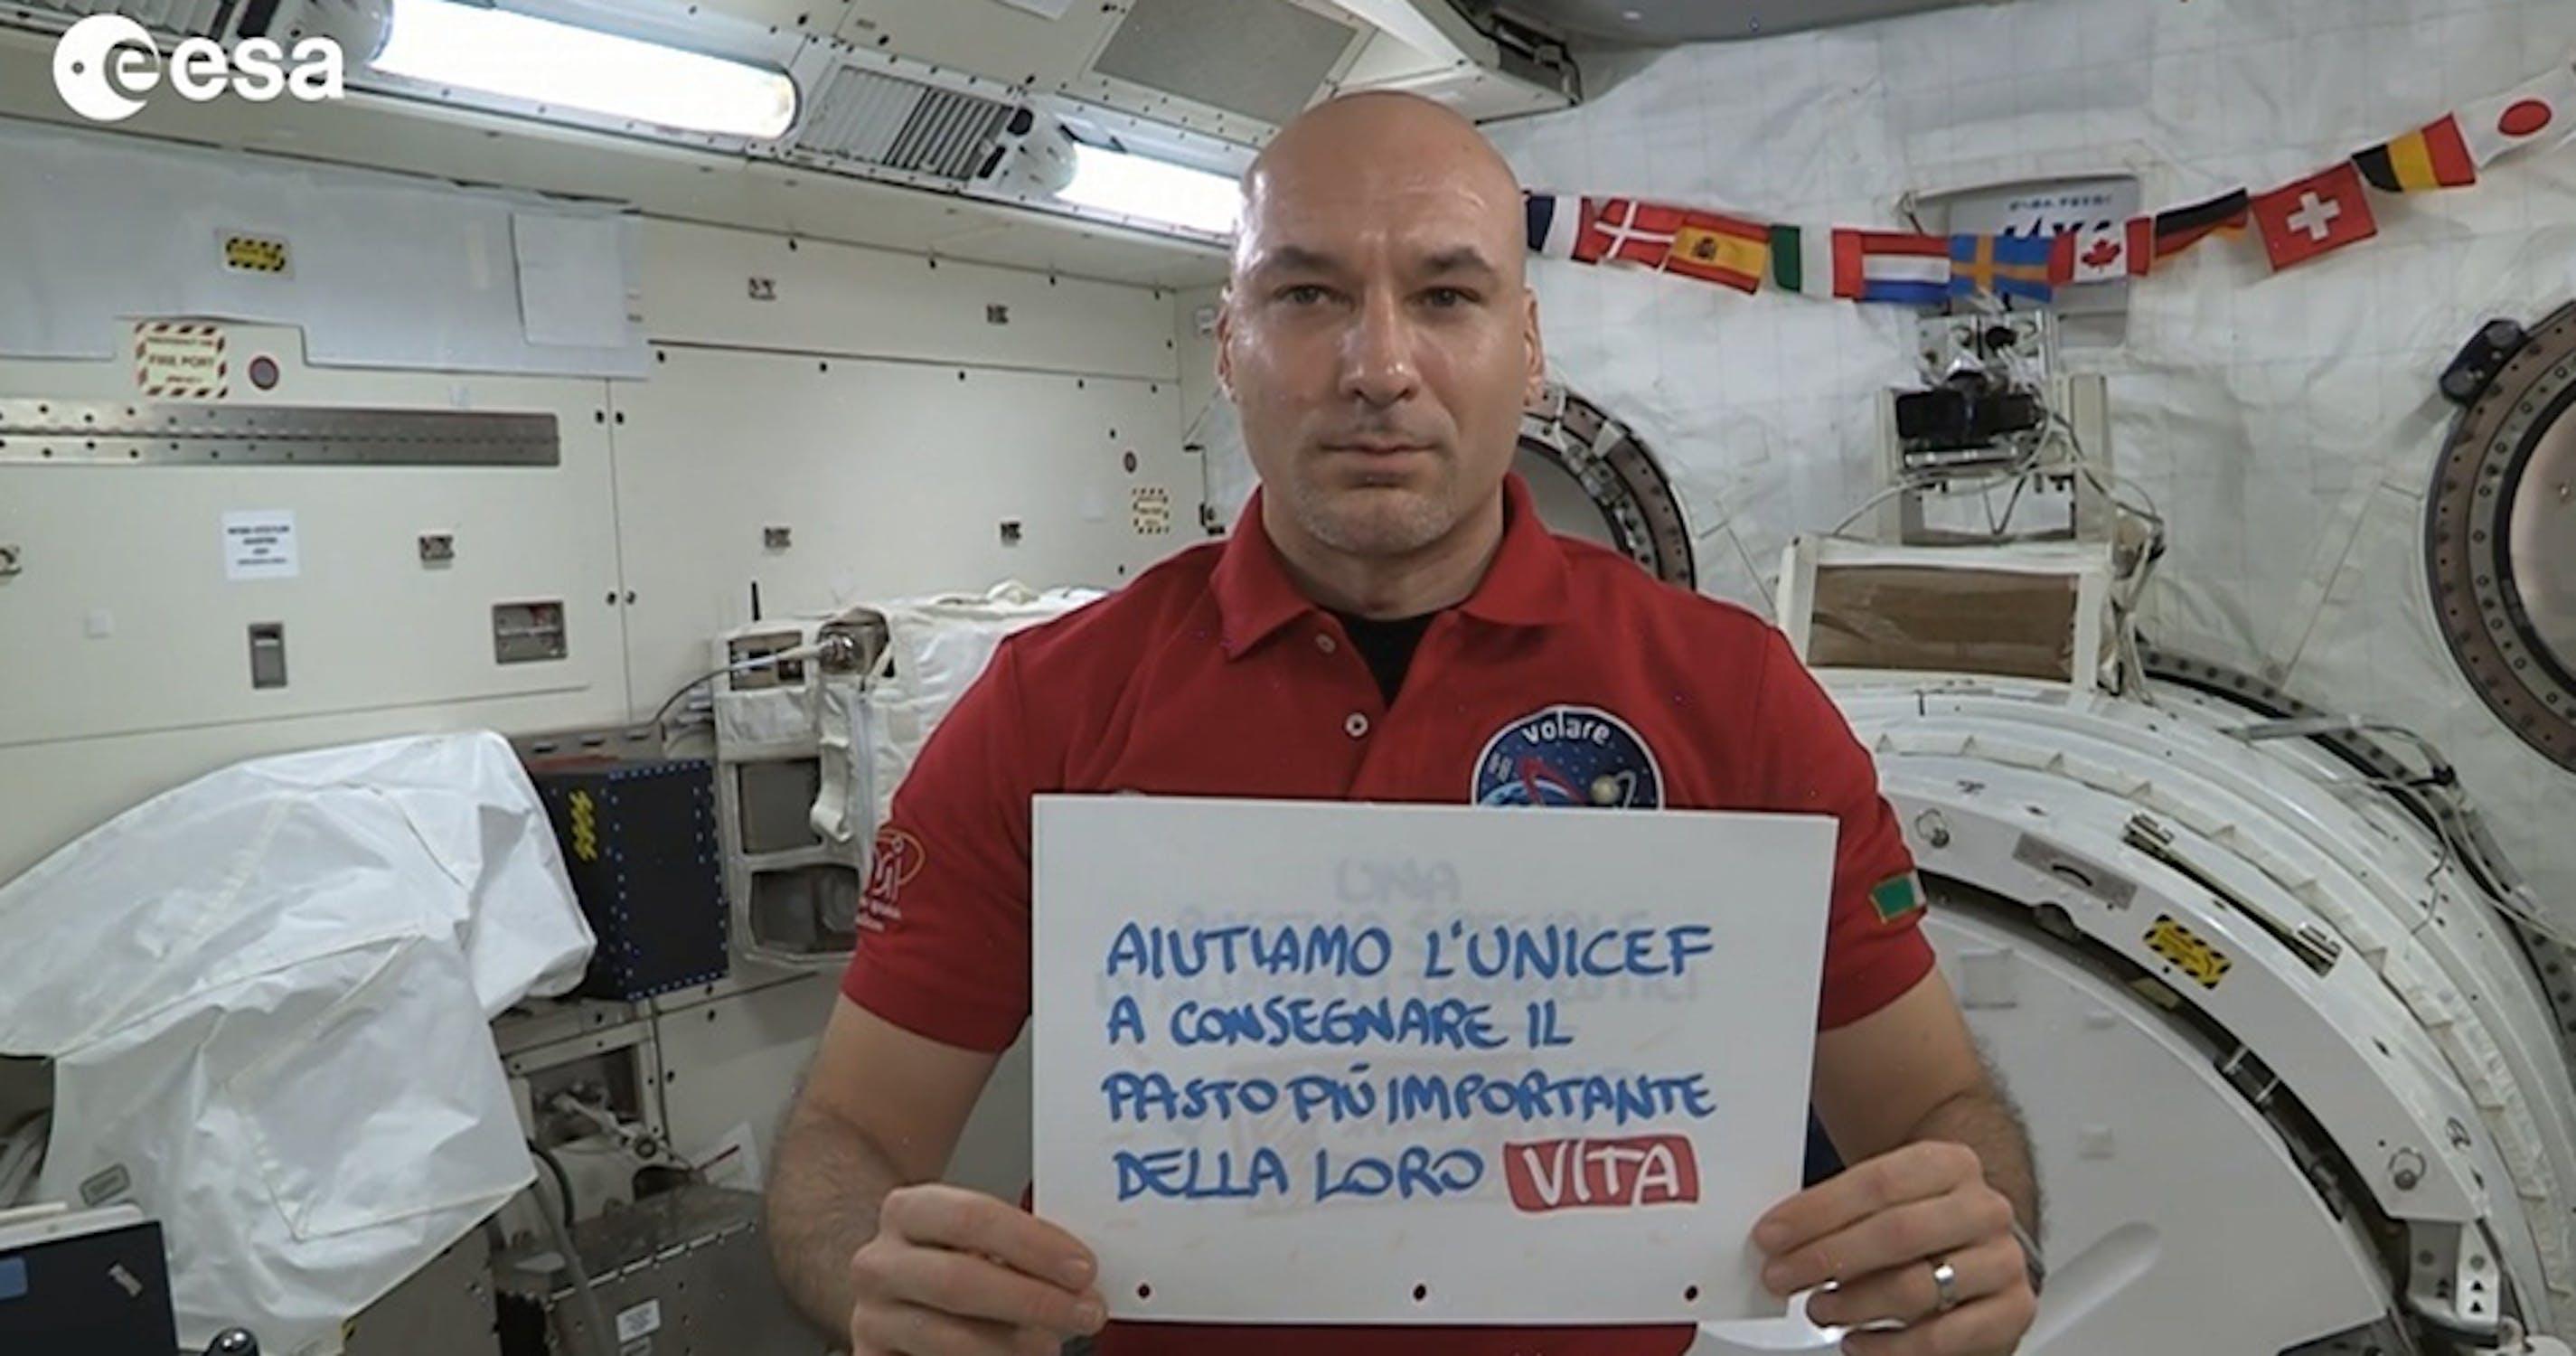 L'astronauta italiano dell'ESA Luca Parmitano con i messaggi della campagna UNICEF contro la malnutrizione infantile